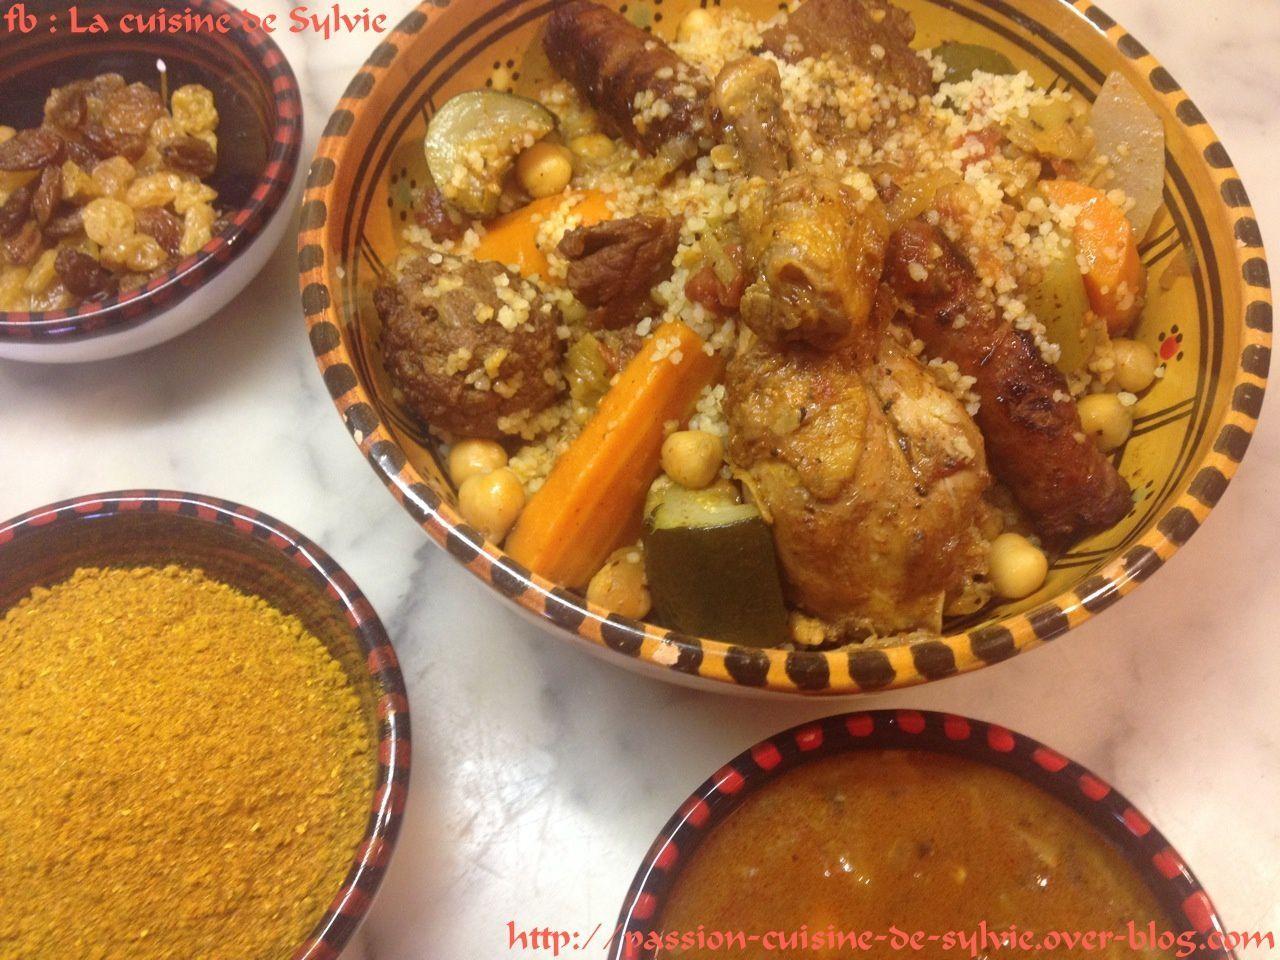 Couscous royal poulet agneau boulettes et merguez boeuf mouton